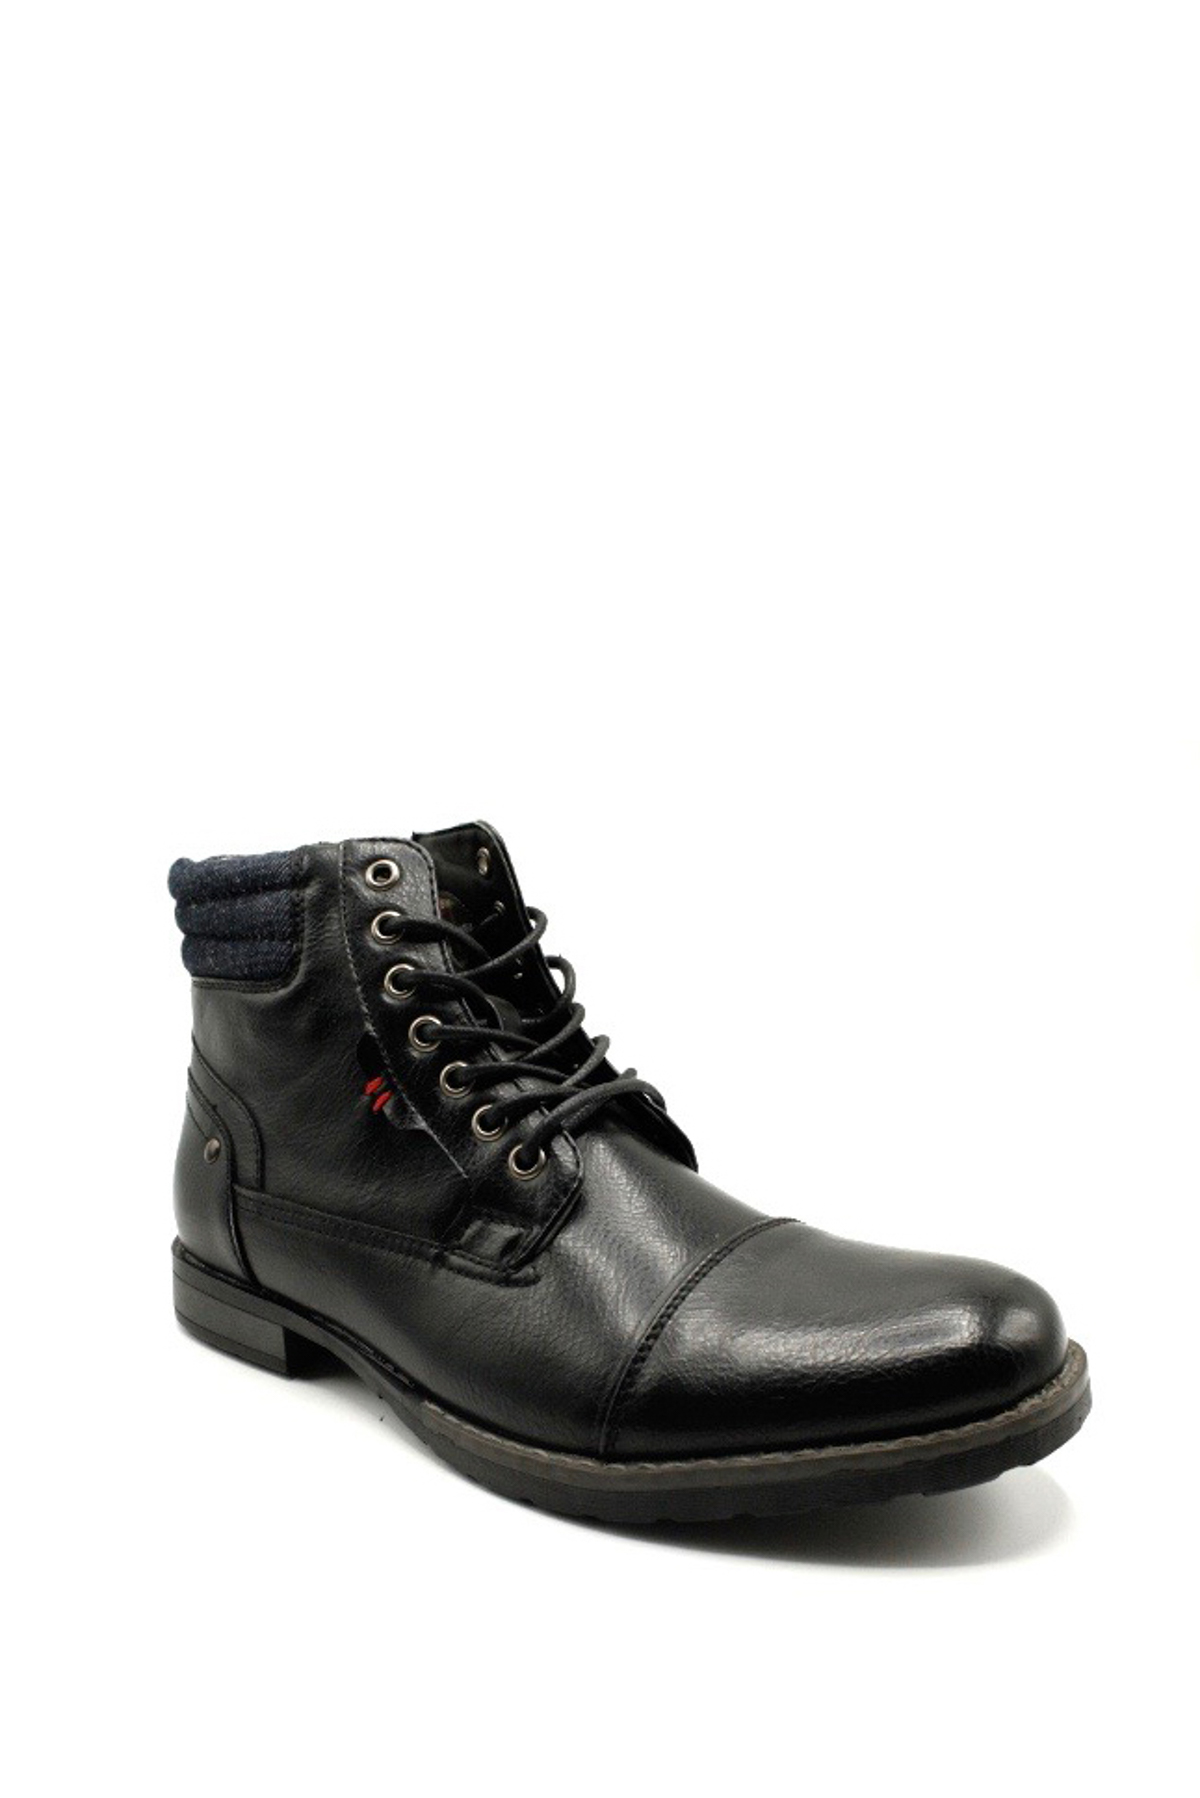 Bottines Chaussures Noir ELONG SHOES EL0601 #c eFashion Paris